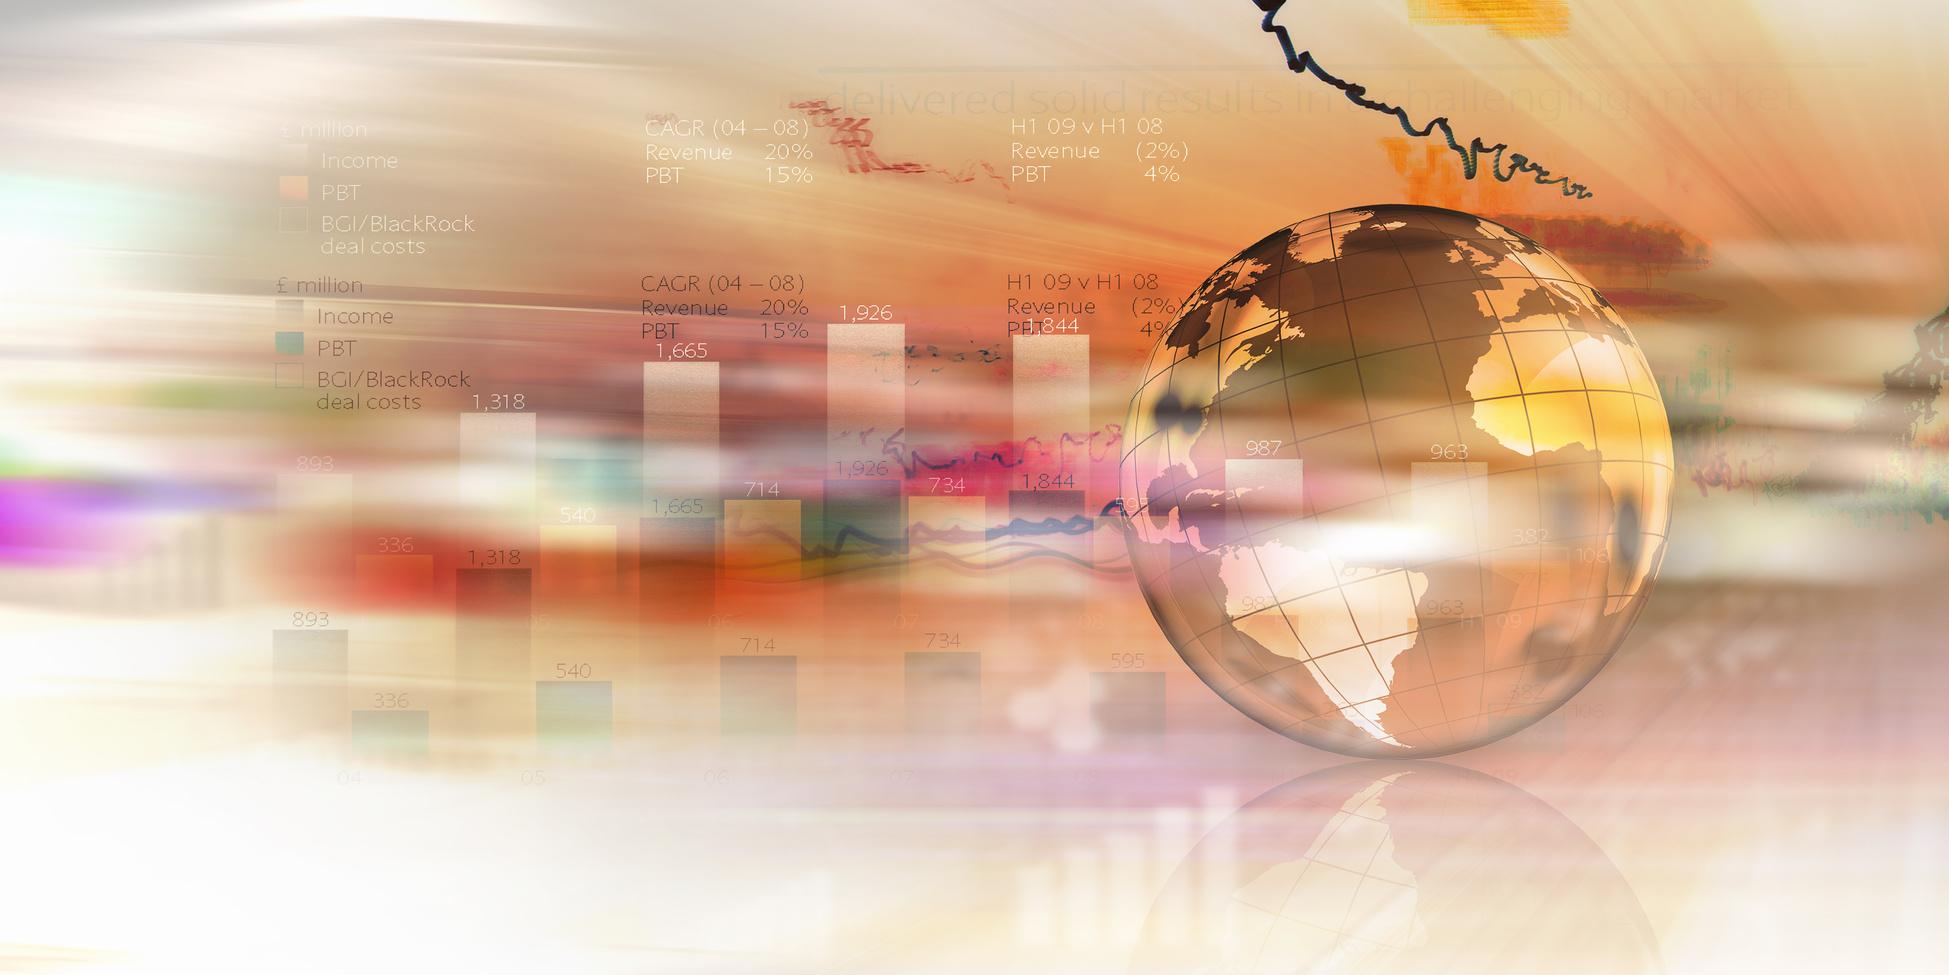 Działalność w dobie patentów koniecznych do spełnienia normy. Prawne i praktyczne aspekty wykorzystywania nowych technologii